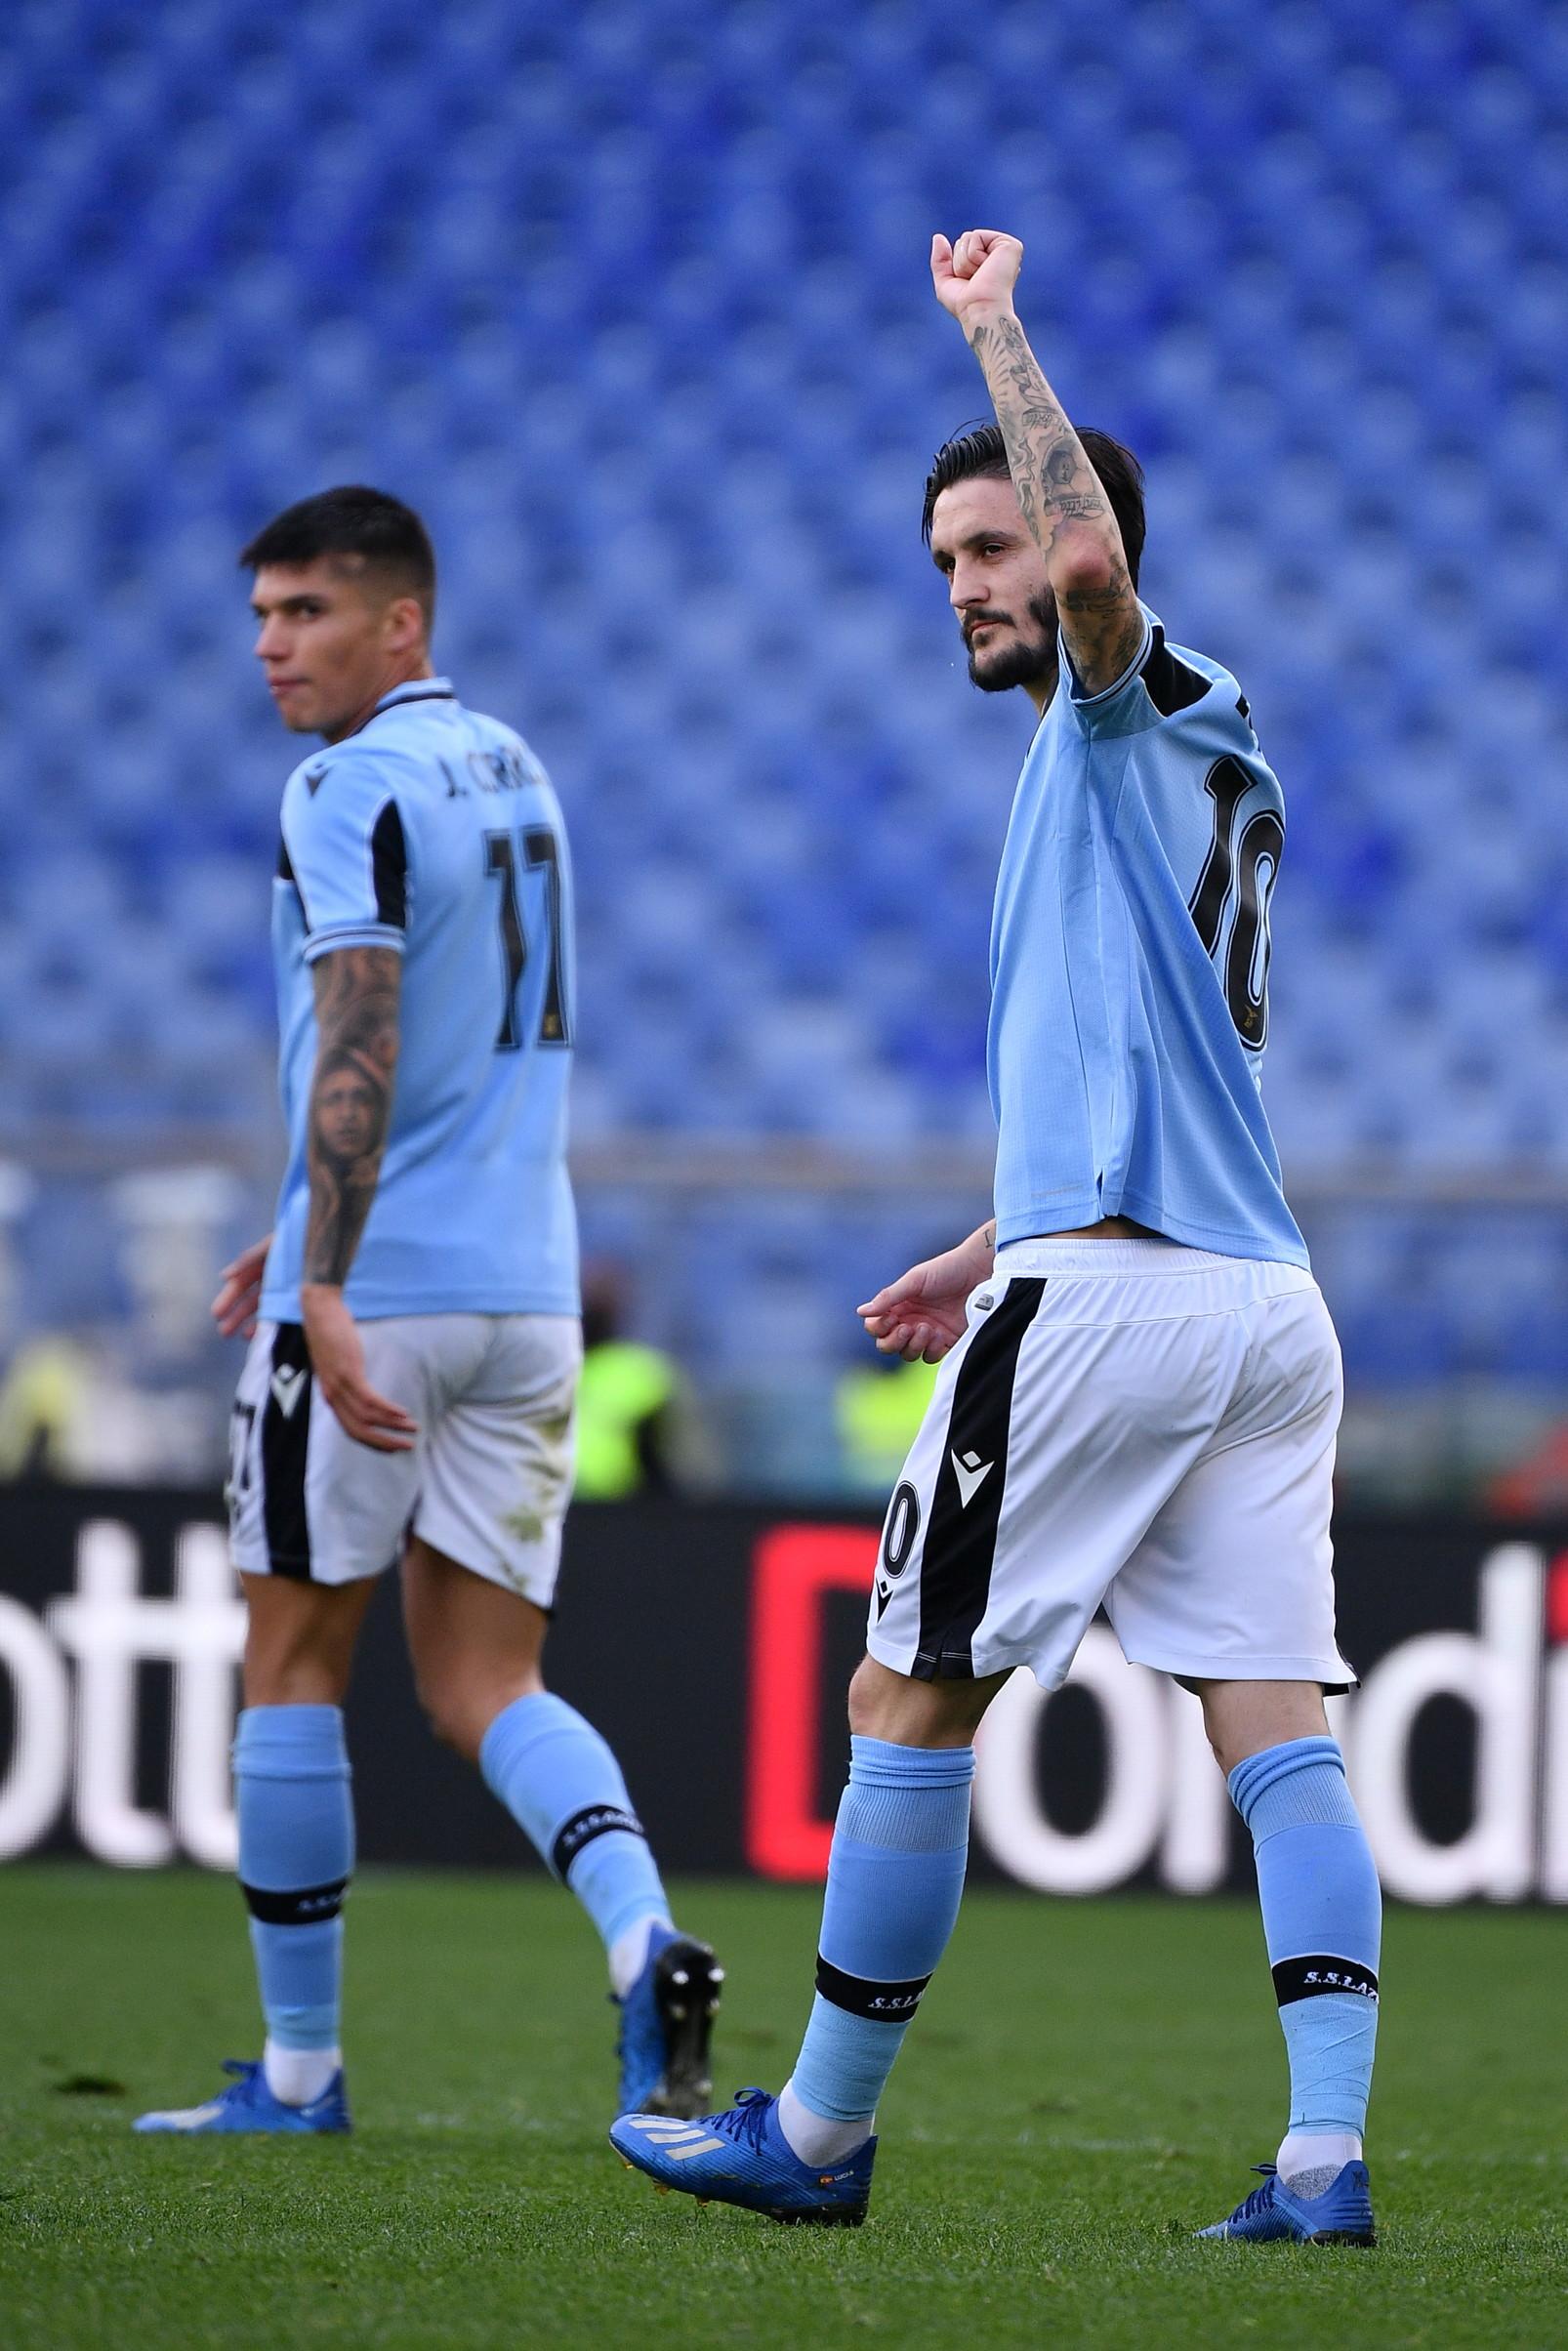 All'Olimpico la Lazio batte 2-0 il Bologna e vola in vetta alla classifica, evento che non si verificava a questo punto del campionato da 21 anni.